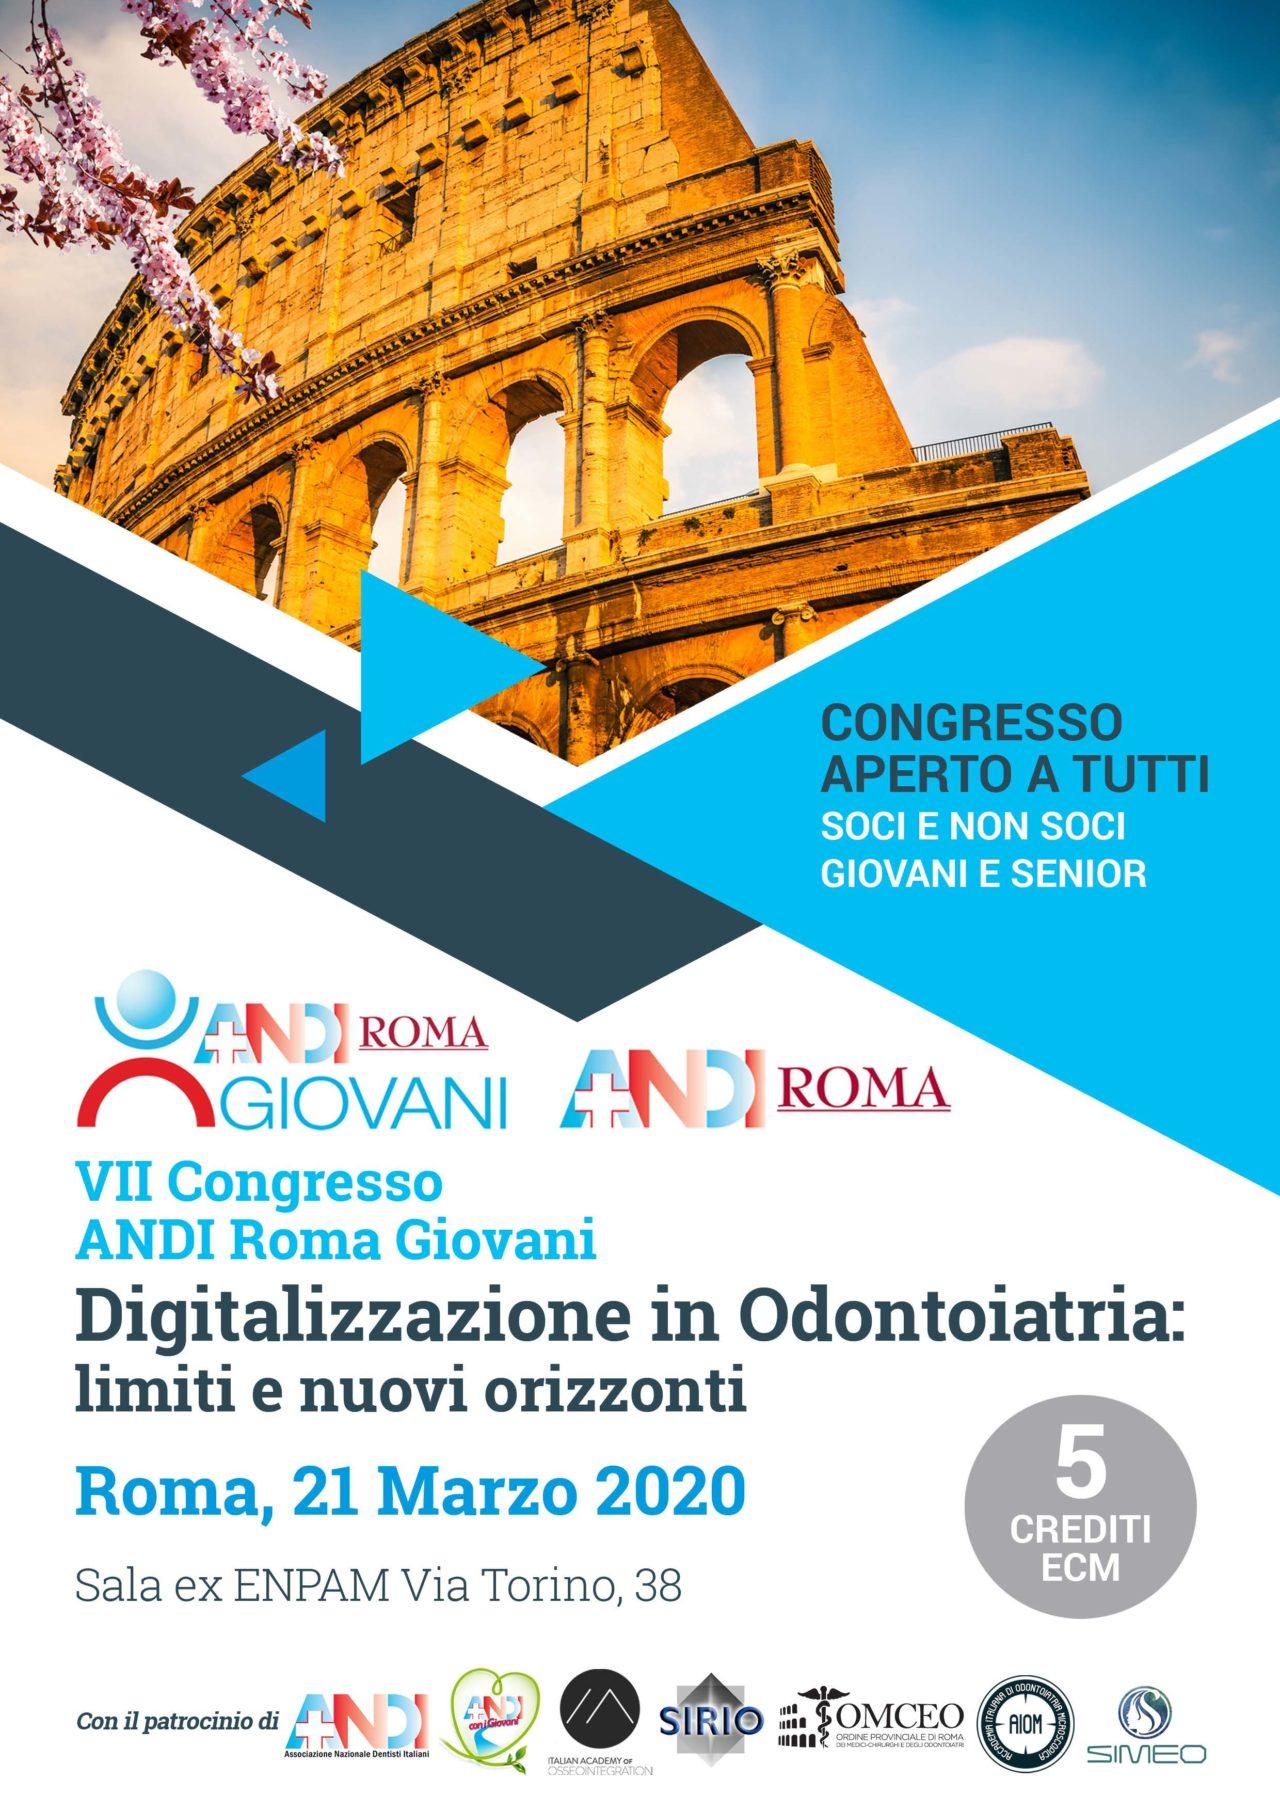 """VII CONGRESSO ANDI ROMA GIOVANI  dal titolo """"Digitalizzazione in Odontoiatria: limiti e nuovi orizzonti"""""""